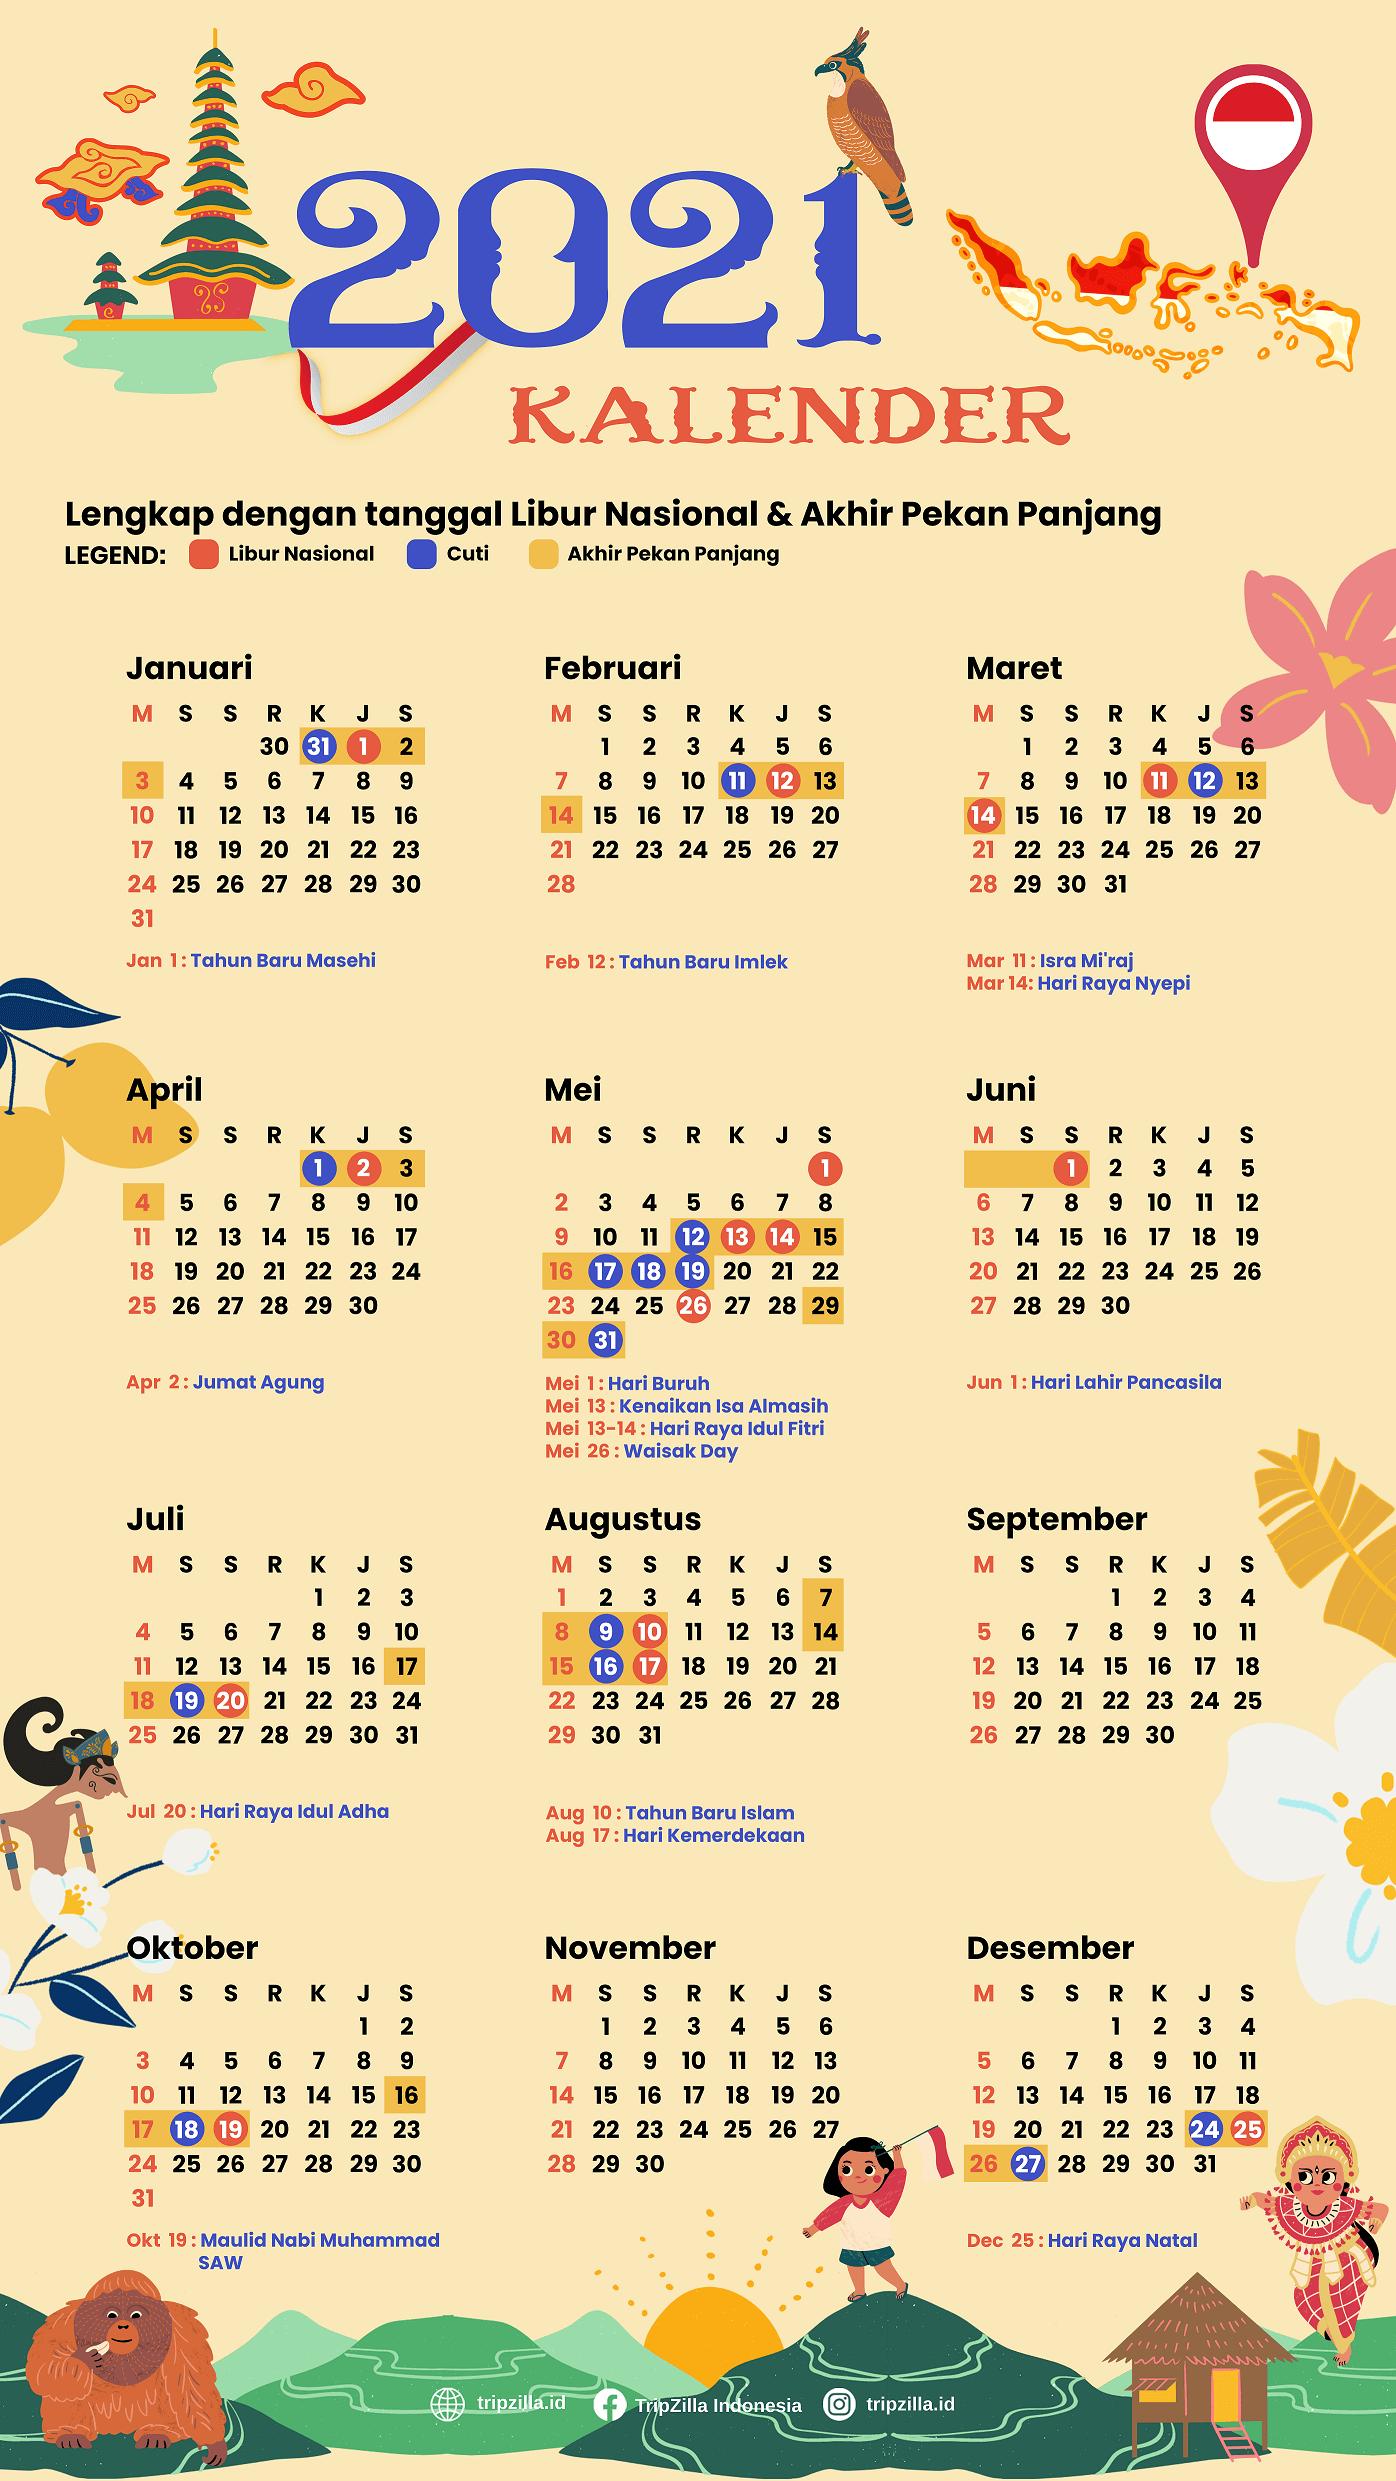 Catat, Inilah Jadwal Lengkap Libur Nasional Dan Cuti